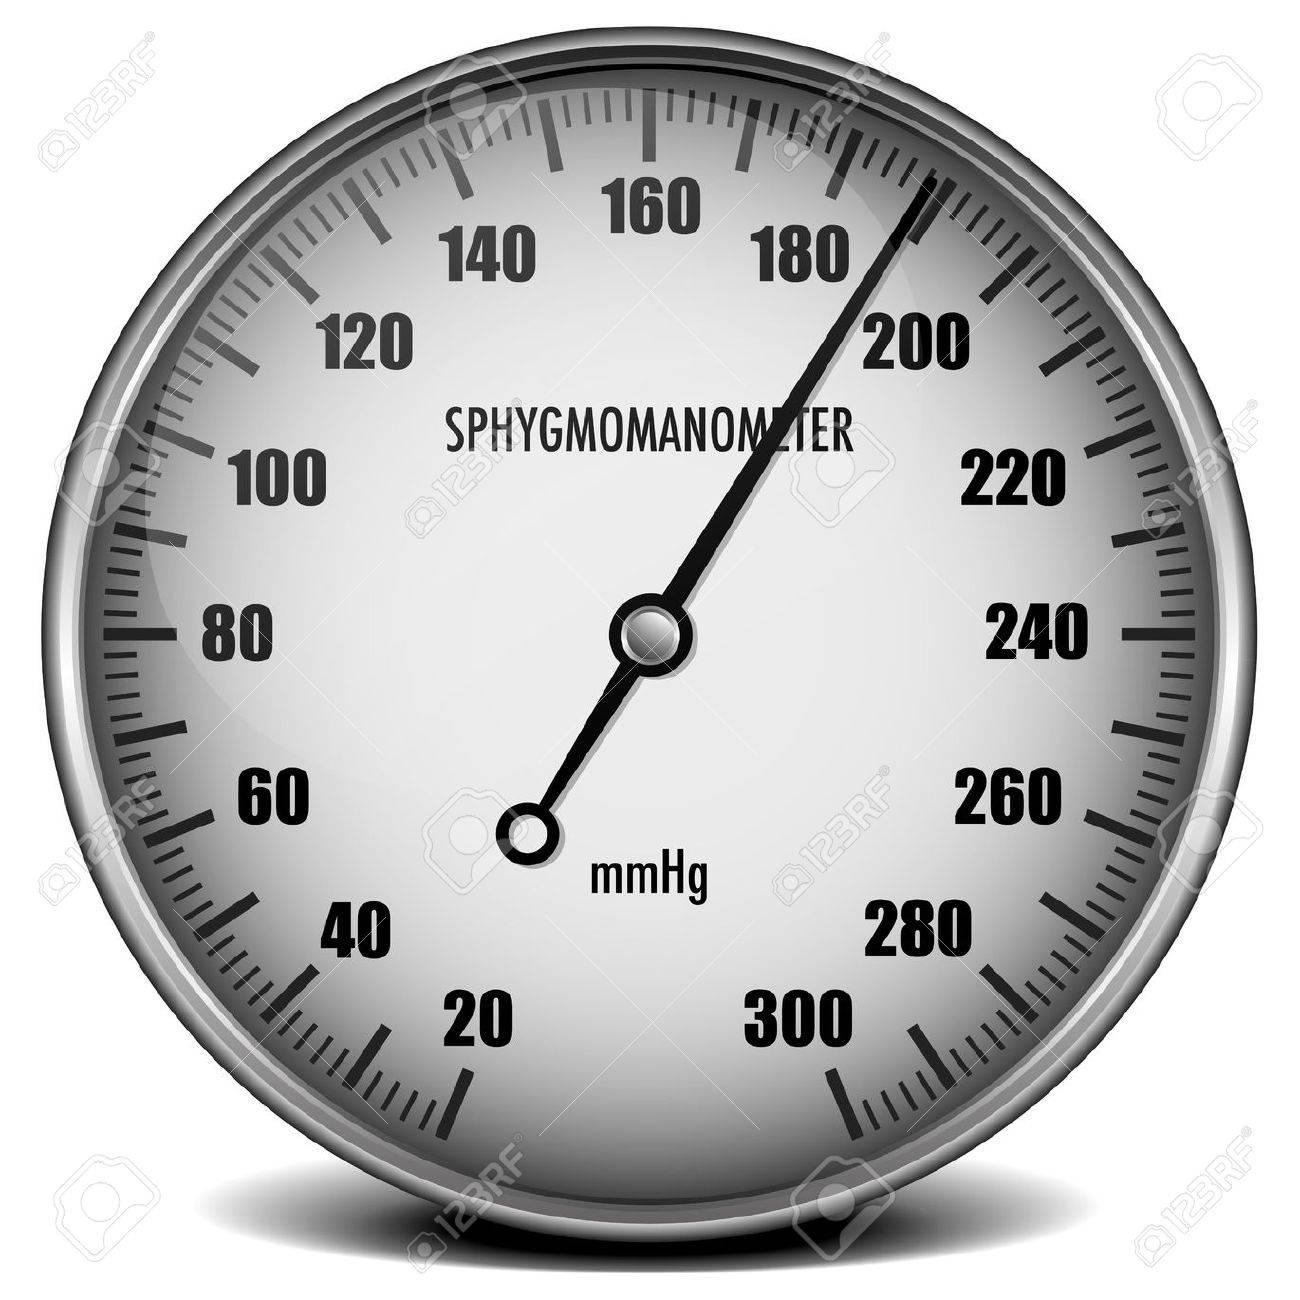 illustration of a sphygmomanometer for measuring blood pressure Stock Illustration - 15797213